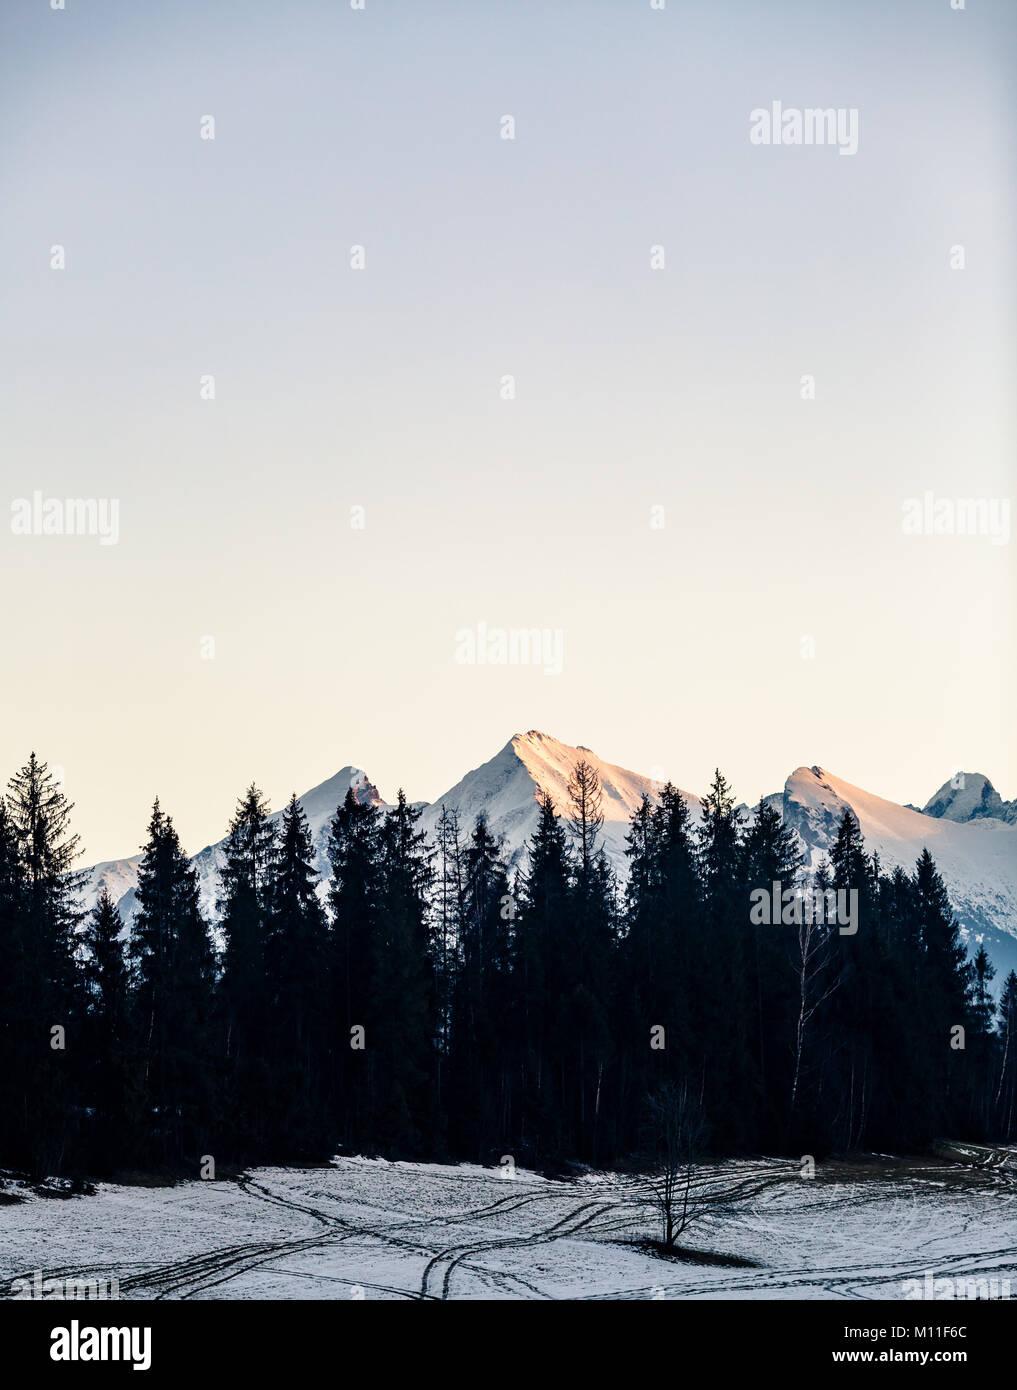 Inspirierende Berge Landschaft im Winter Tatra. Mit Blick auf die Hohe Tatra Berge bei Sonnenuntergang Stockbild